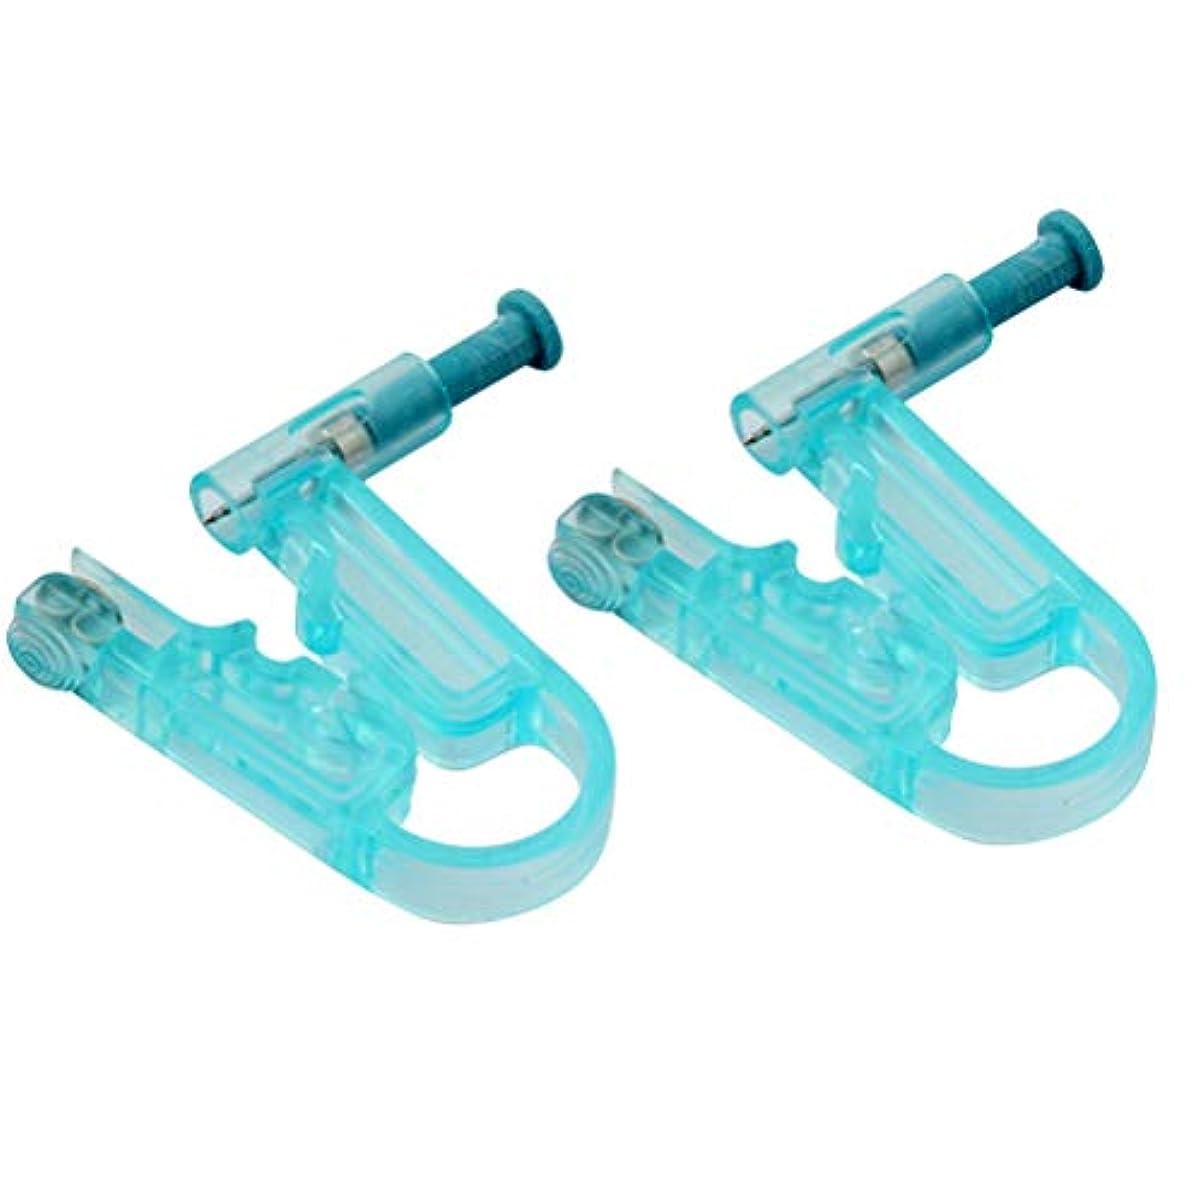 従う貯水池ドアSUPVOX ピアスガンツール 使い捨て耳ピアス 無菌安全 スカイブルー 2本